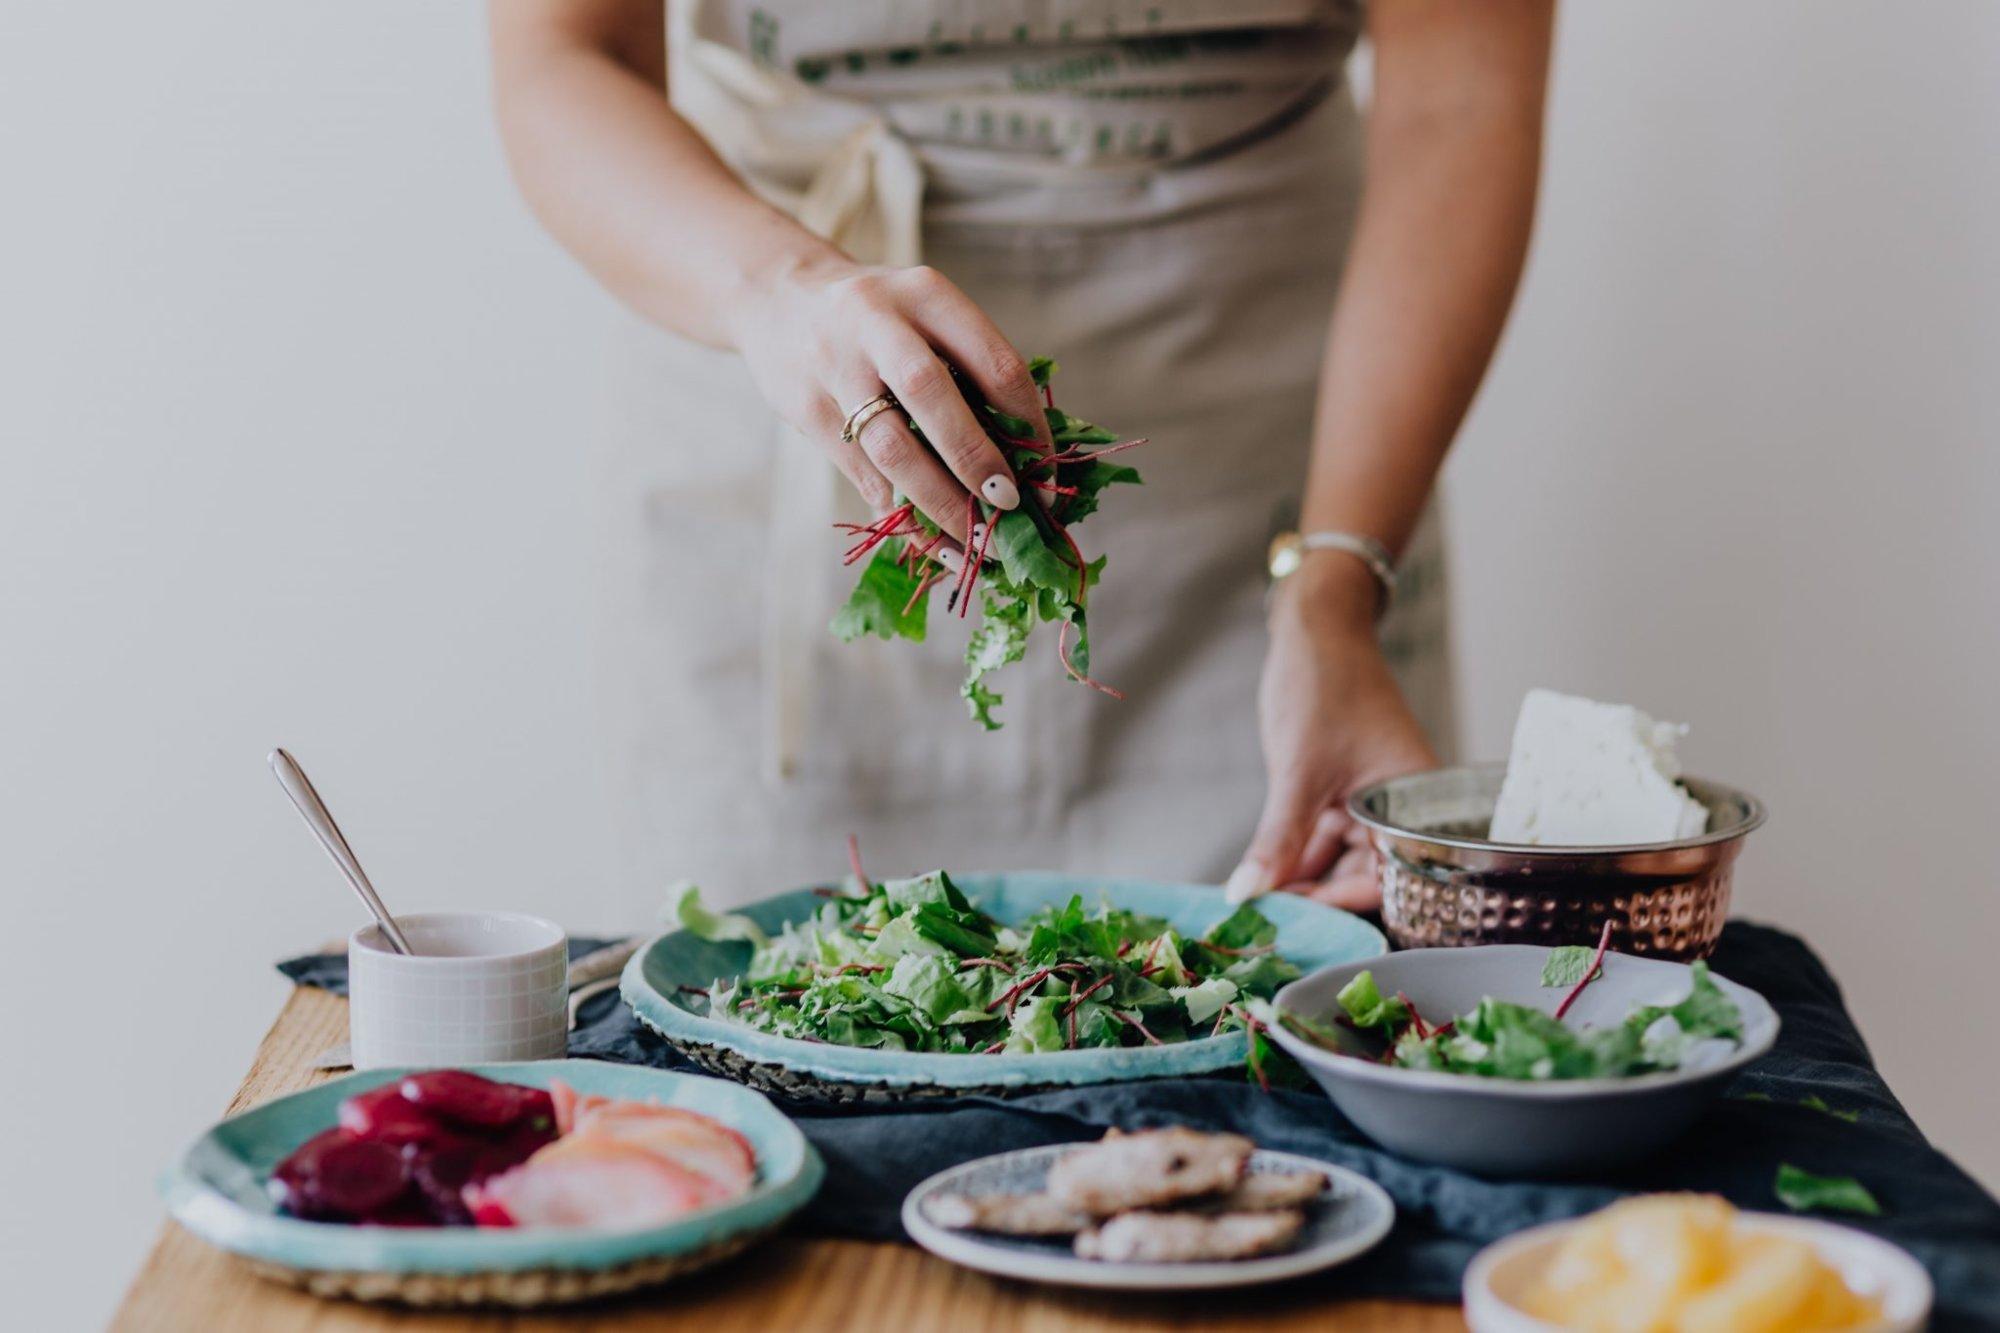 Скандинавская диета: что это, список продуктов, плюсы и минусы